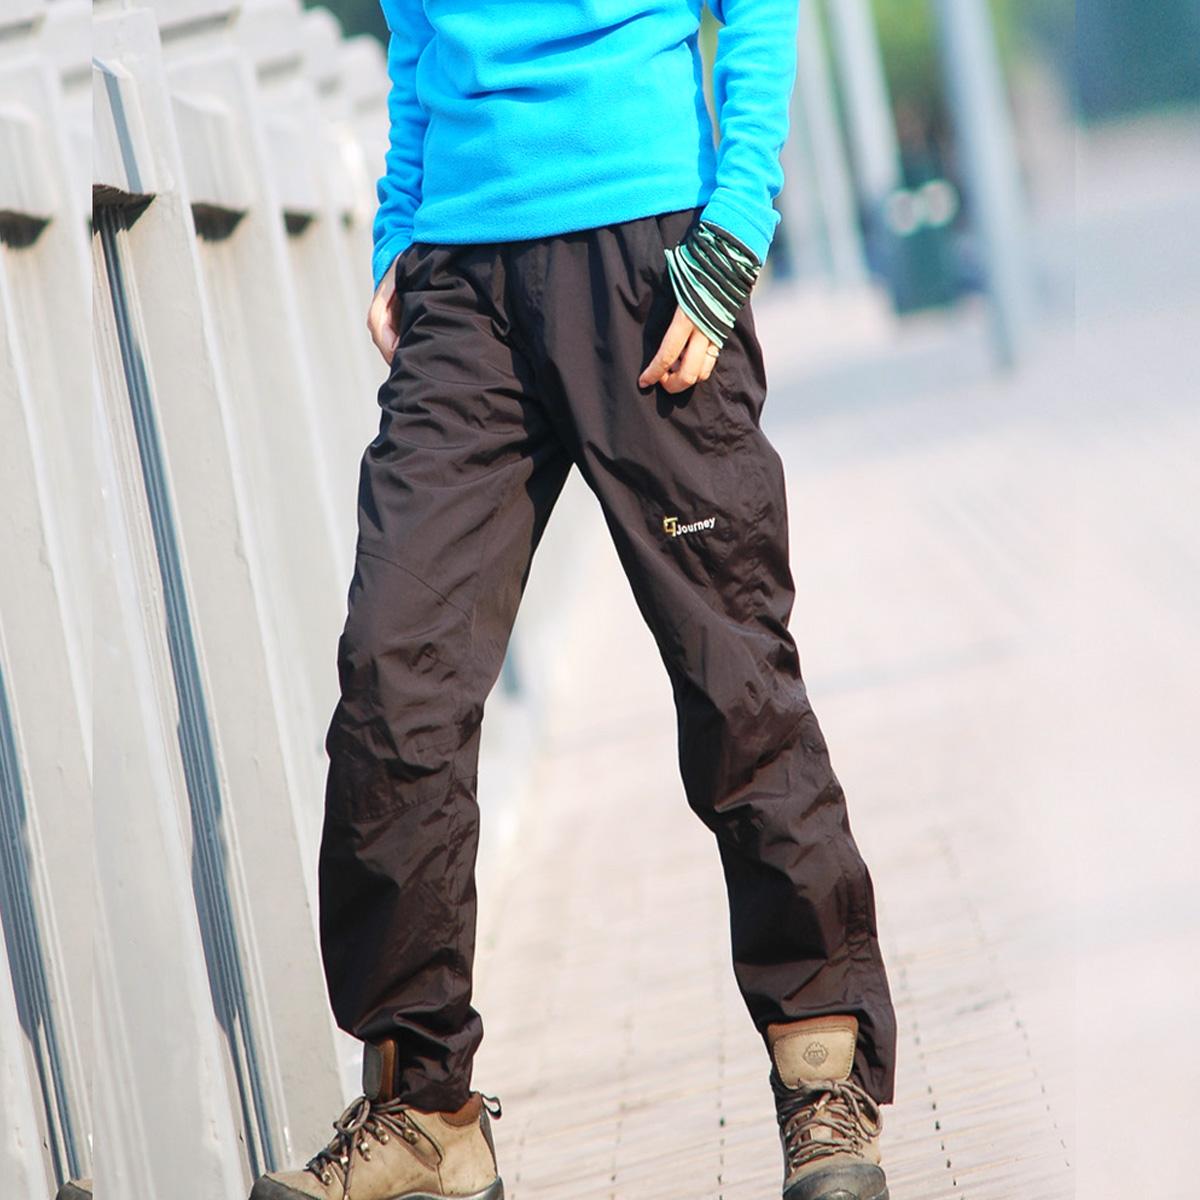 Пекин лес на открытом воздухе зима счетчик водонепроницаемый воздухопроницаемый теплый пулемёт брюки женские модели съемный шерсть вкладыш